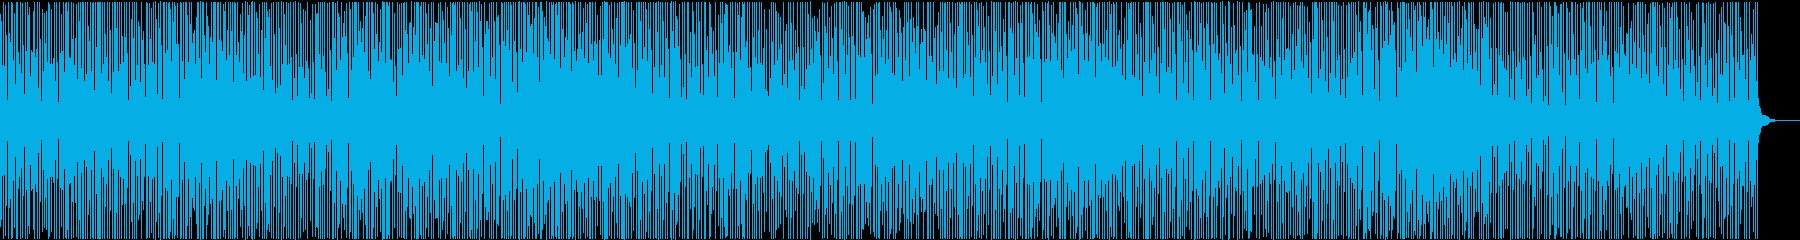 チュートリアル/デジタル/先進的/ITの再生済みの波形